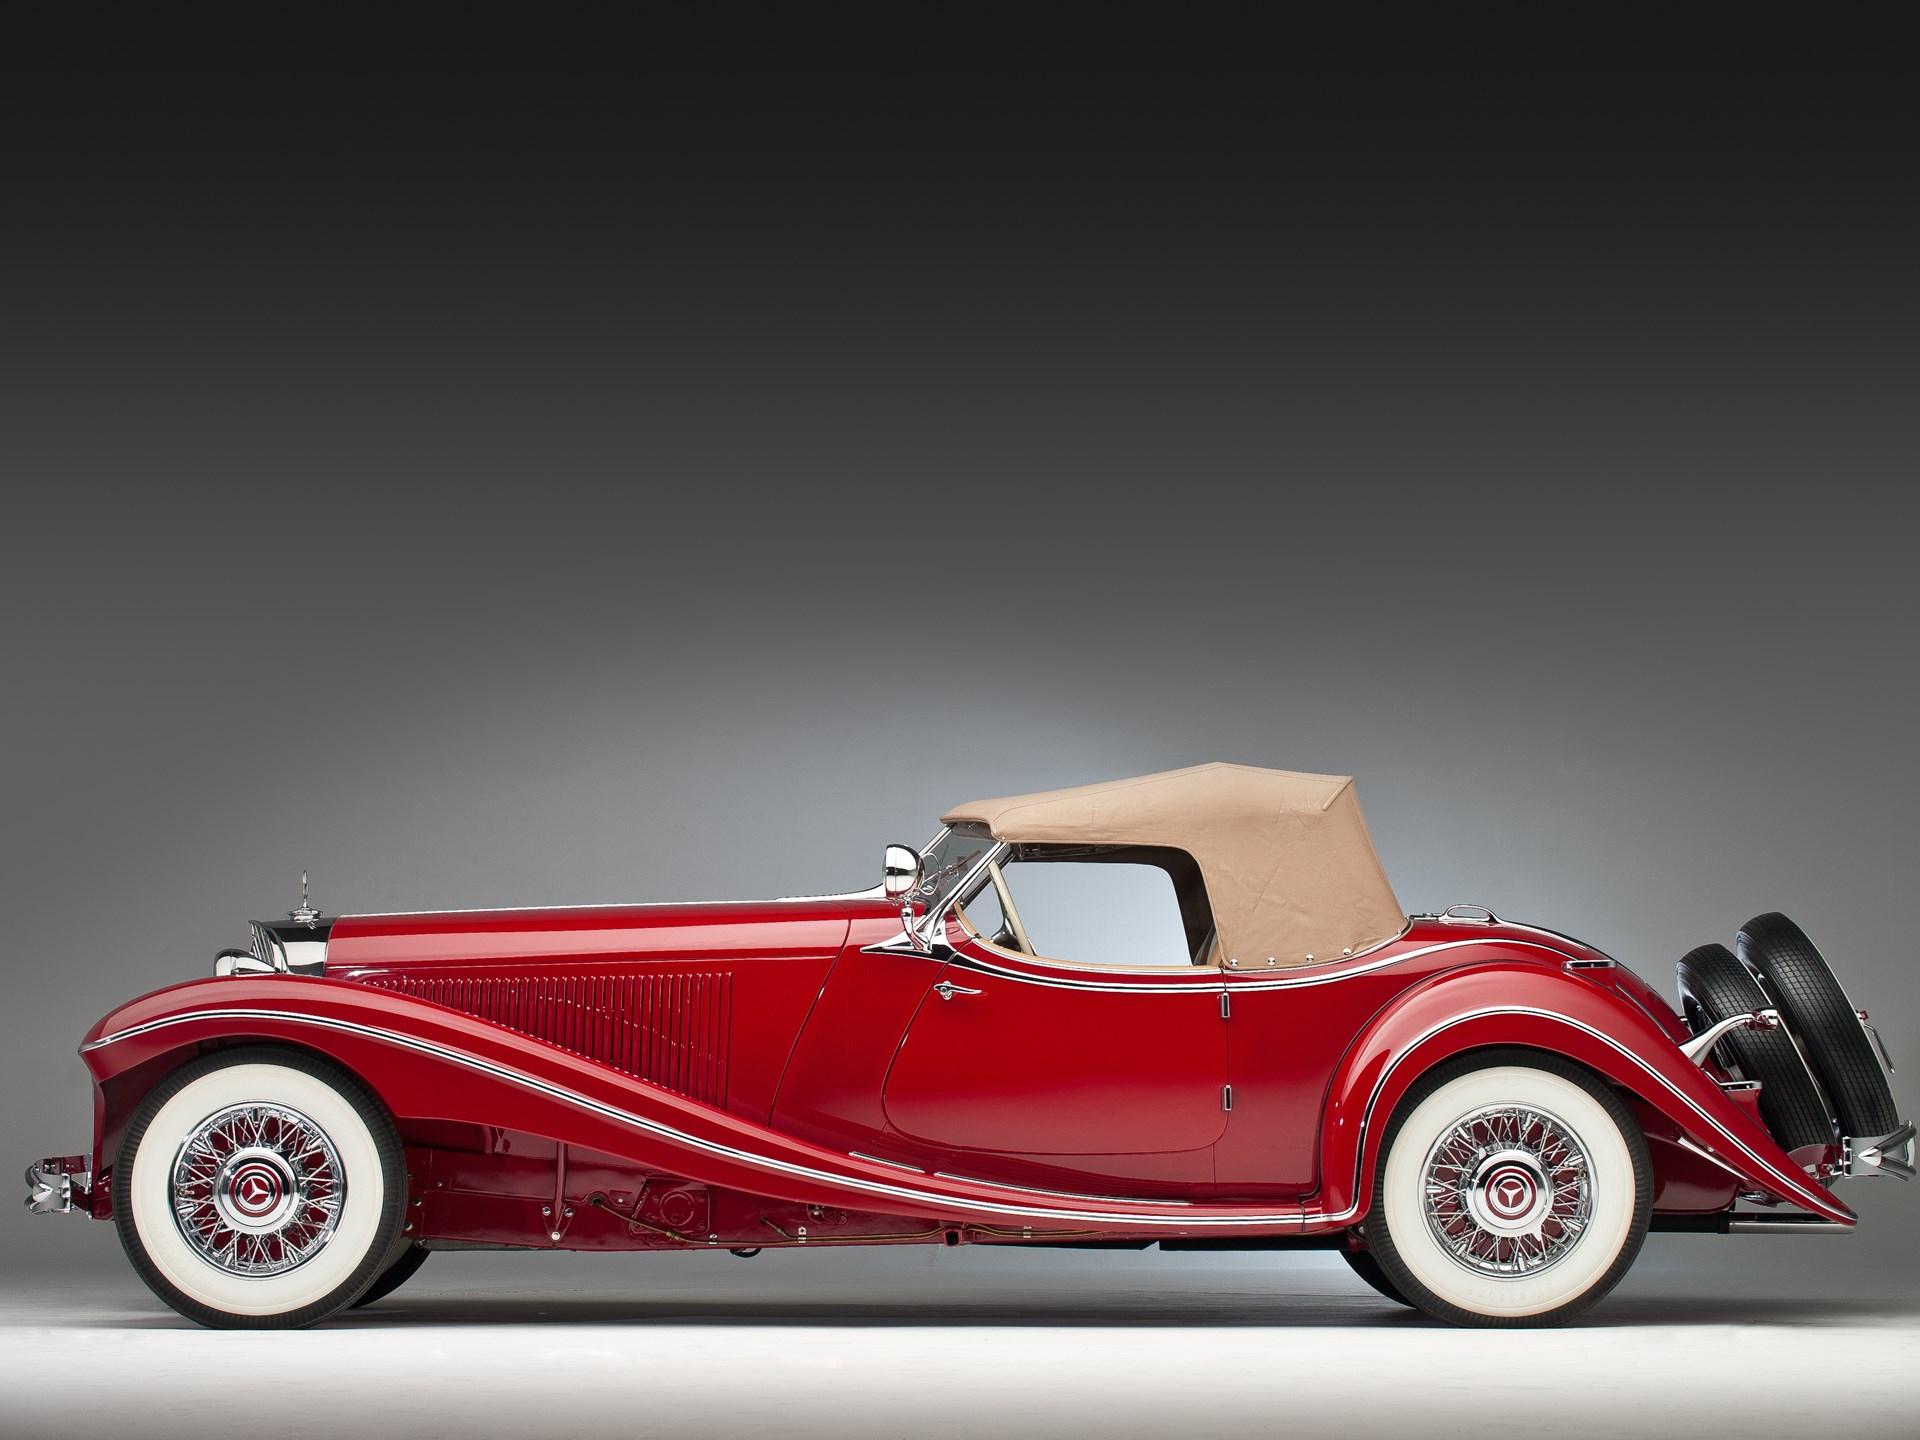 1935 Mercedes-Benz 500k side profile